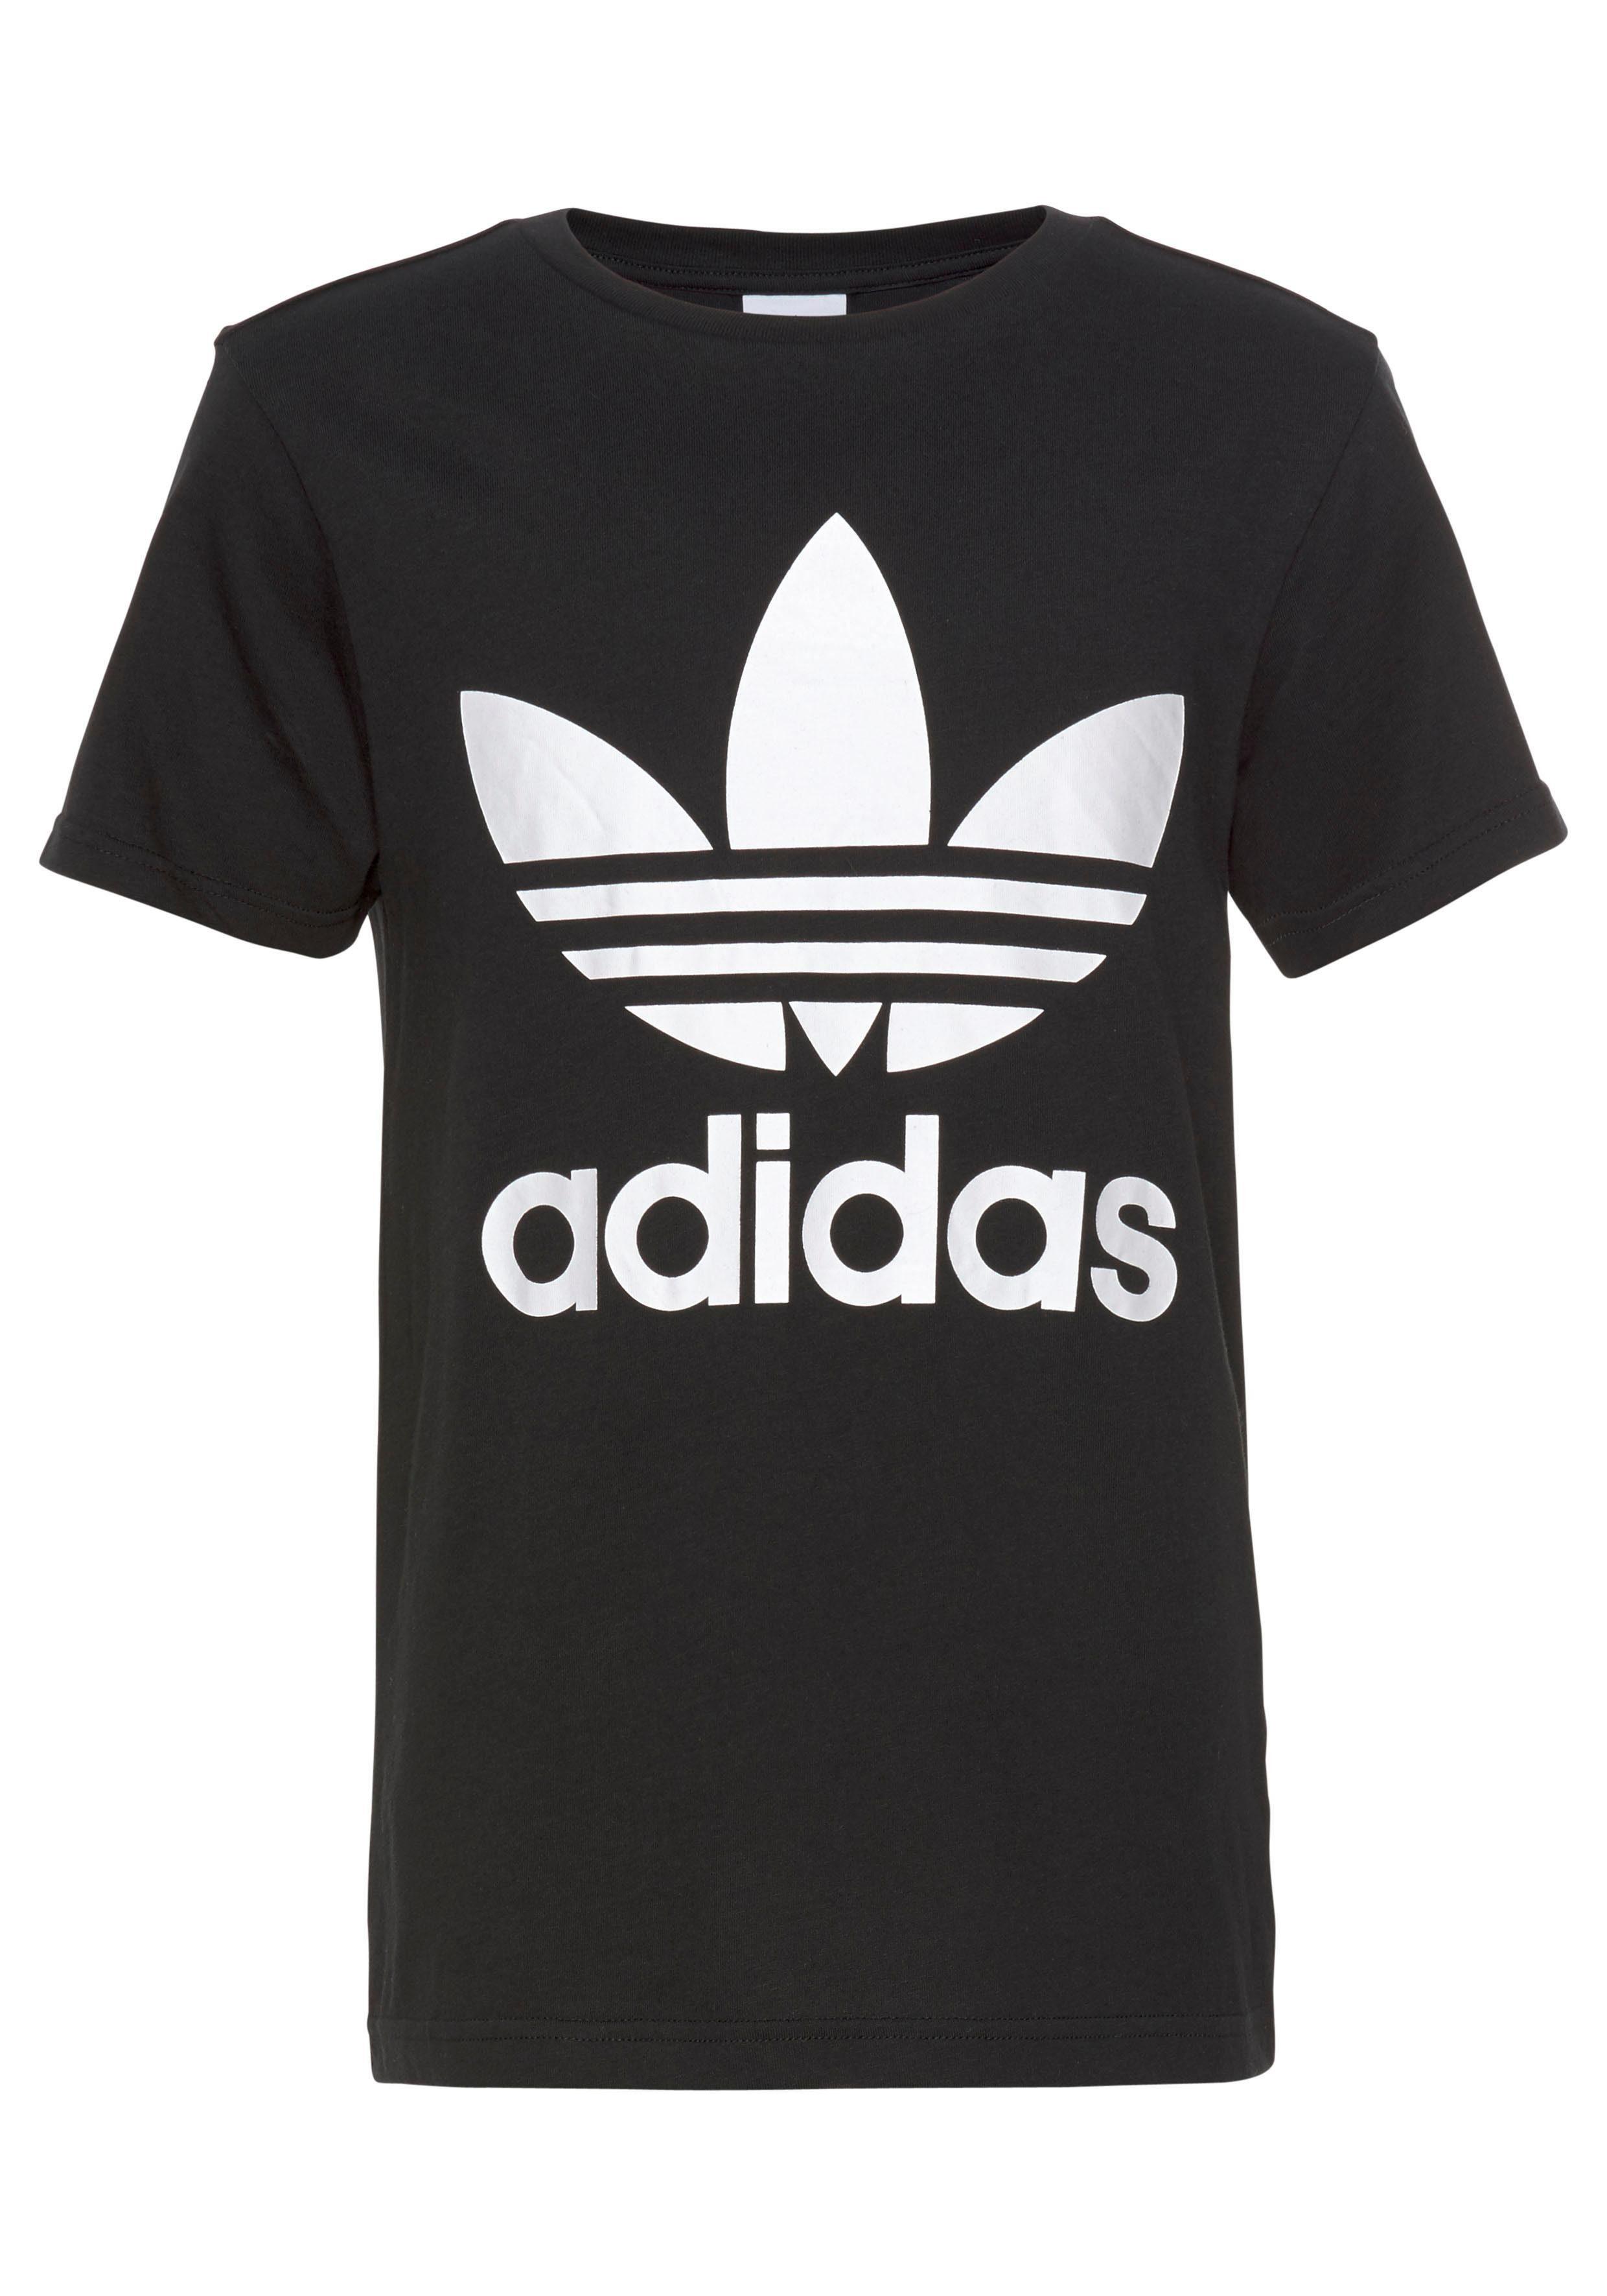 Tee« T Für »junior Shirt Und Originals Mädchen Adidas Trefoil Jungs yOvn0mwN8